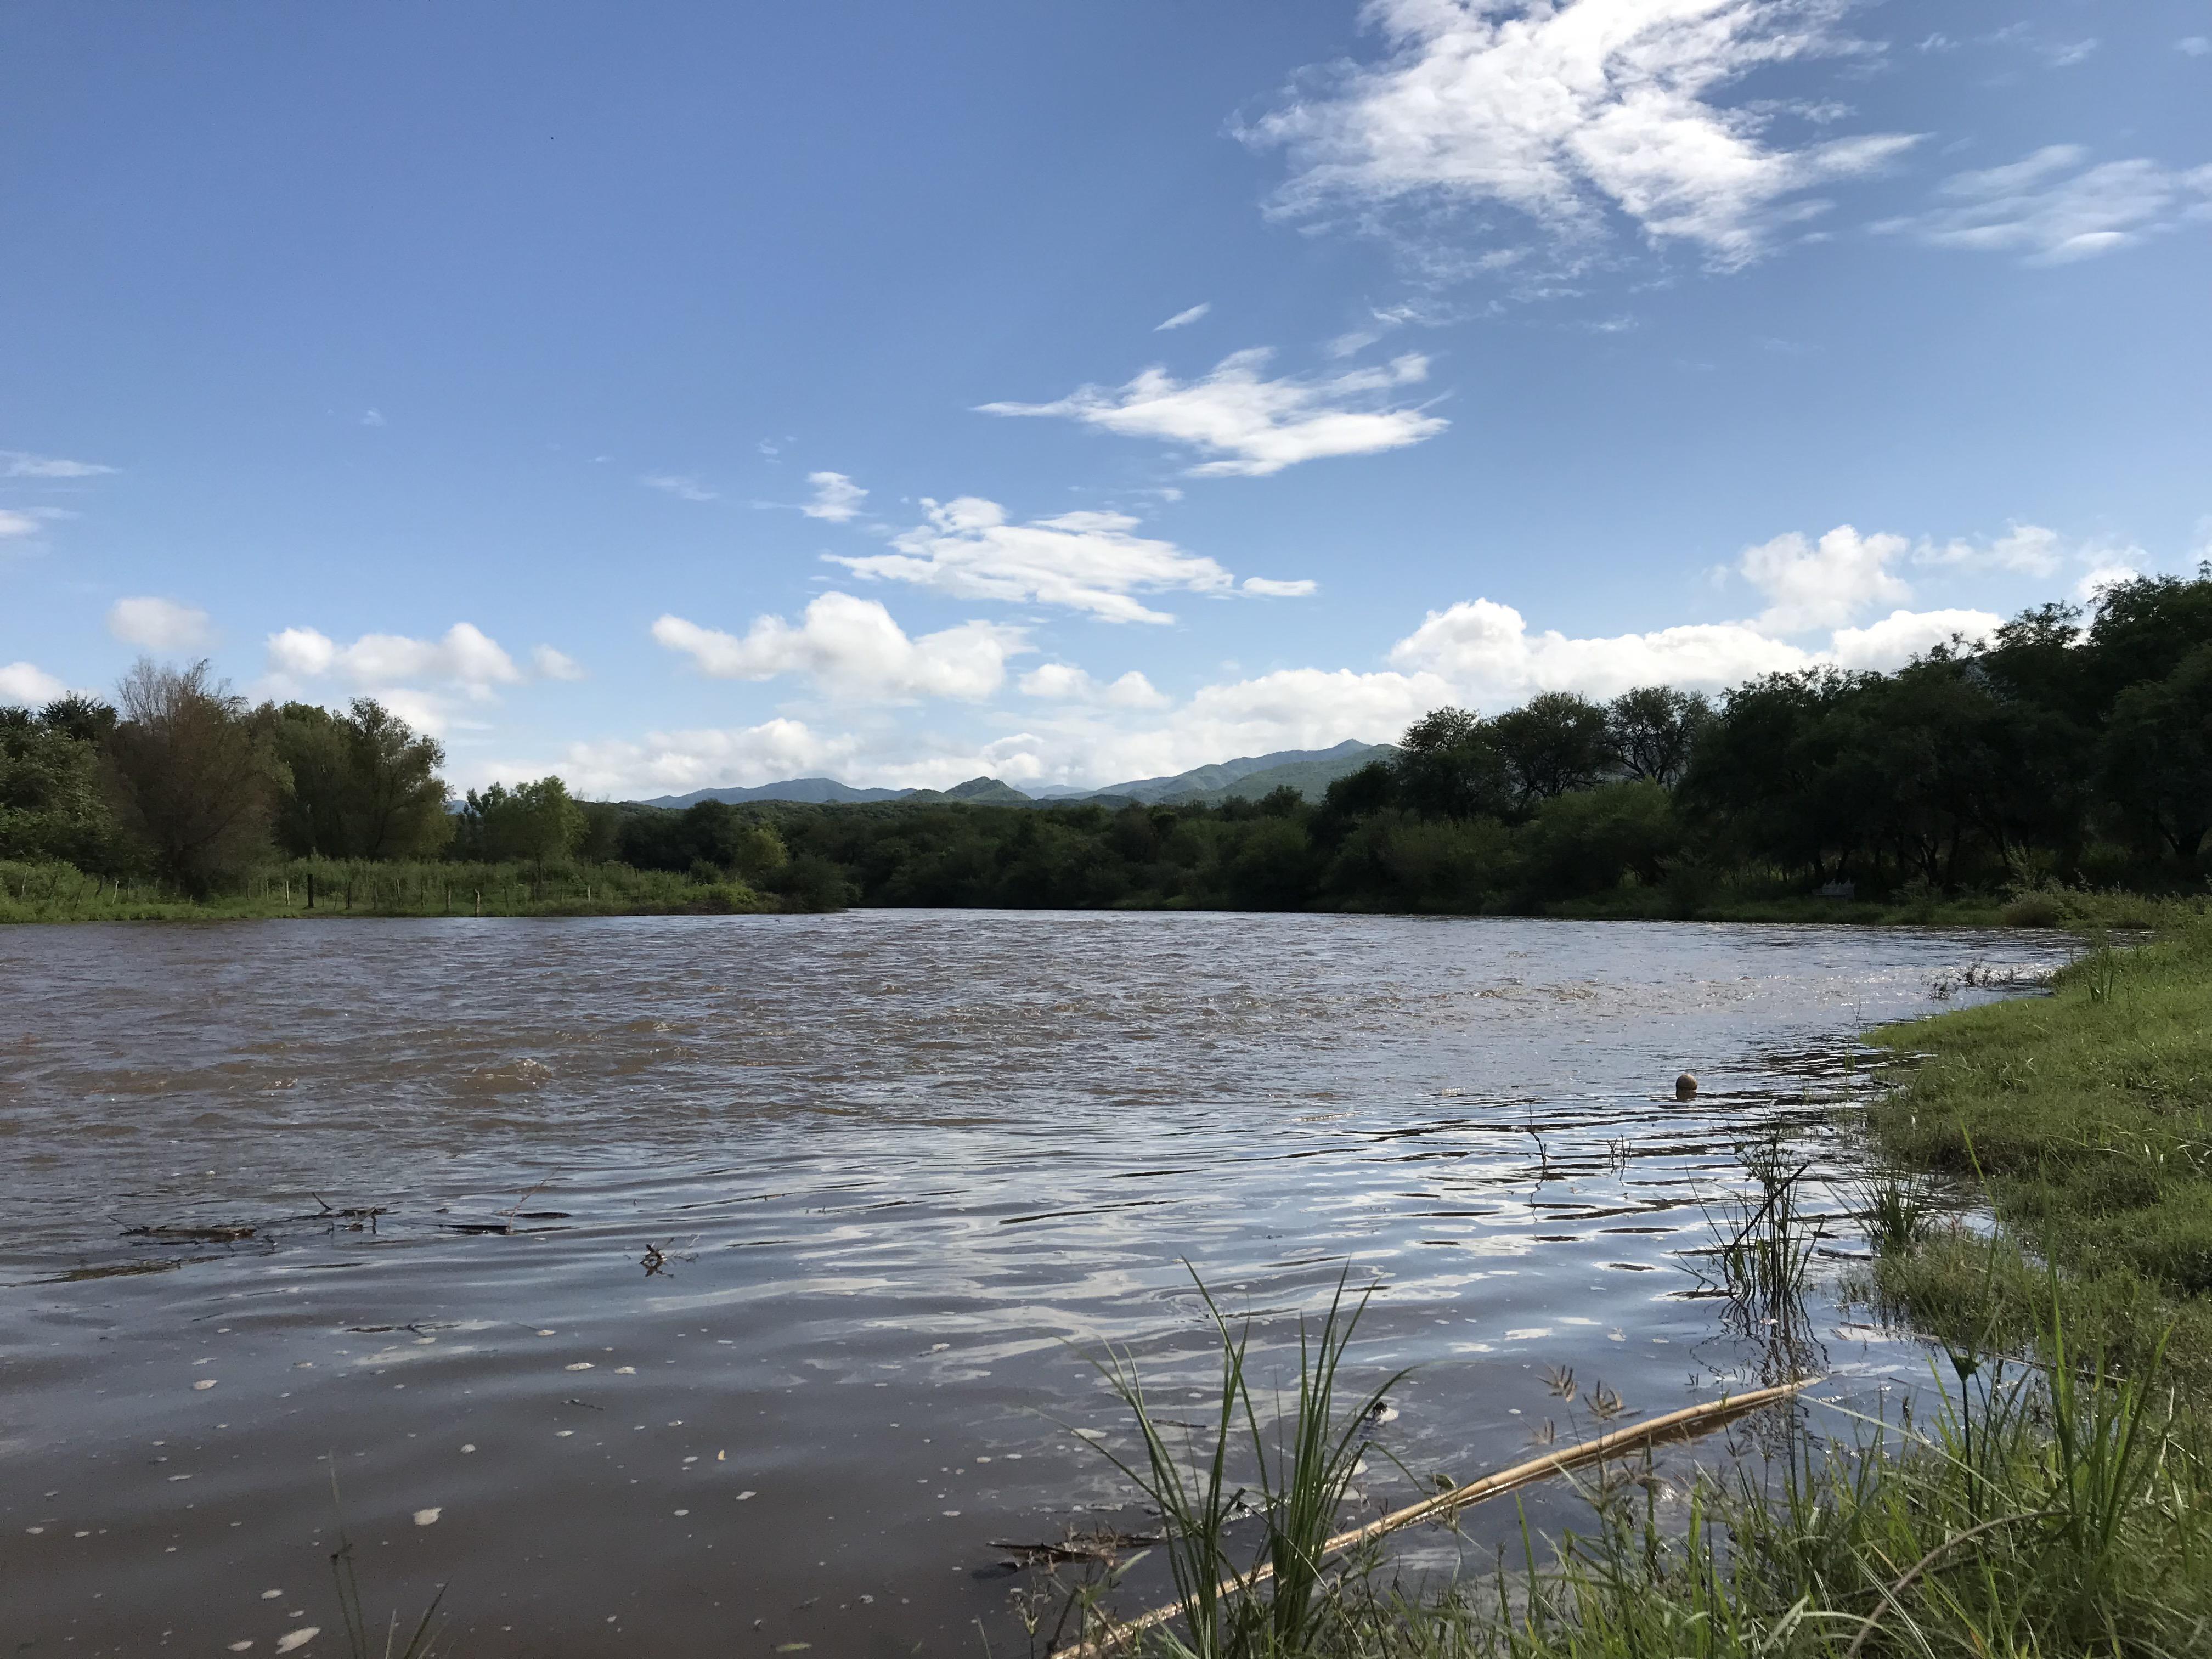 Contingencia ambiental en el Río Yaqui de Sonora